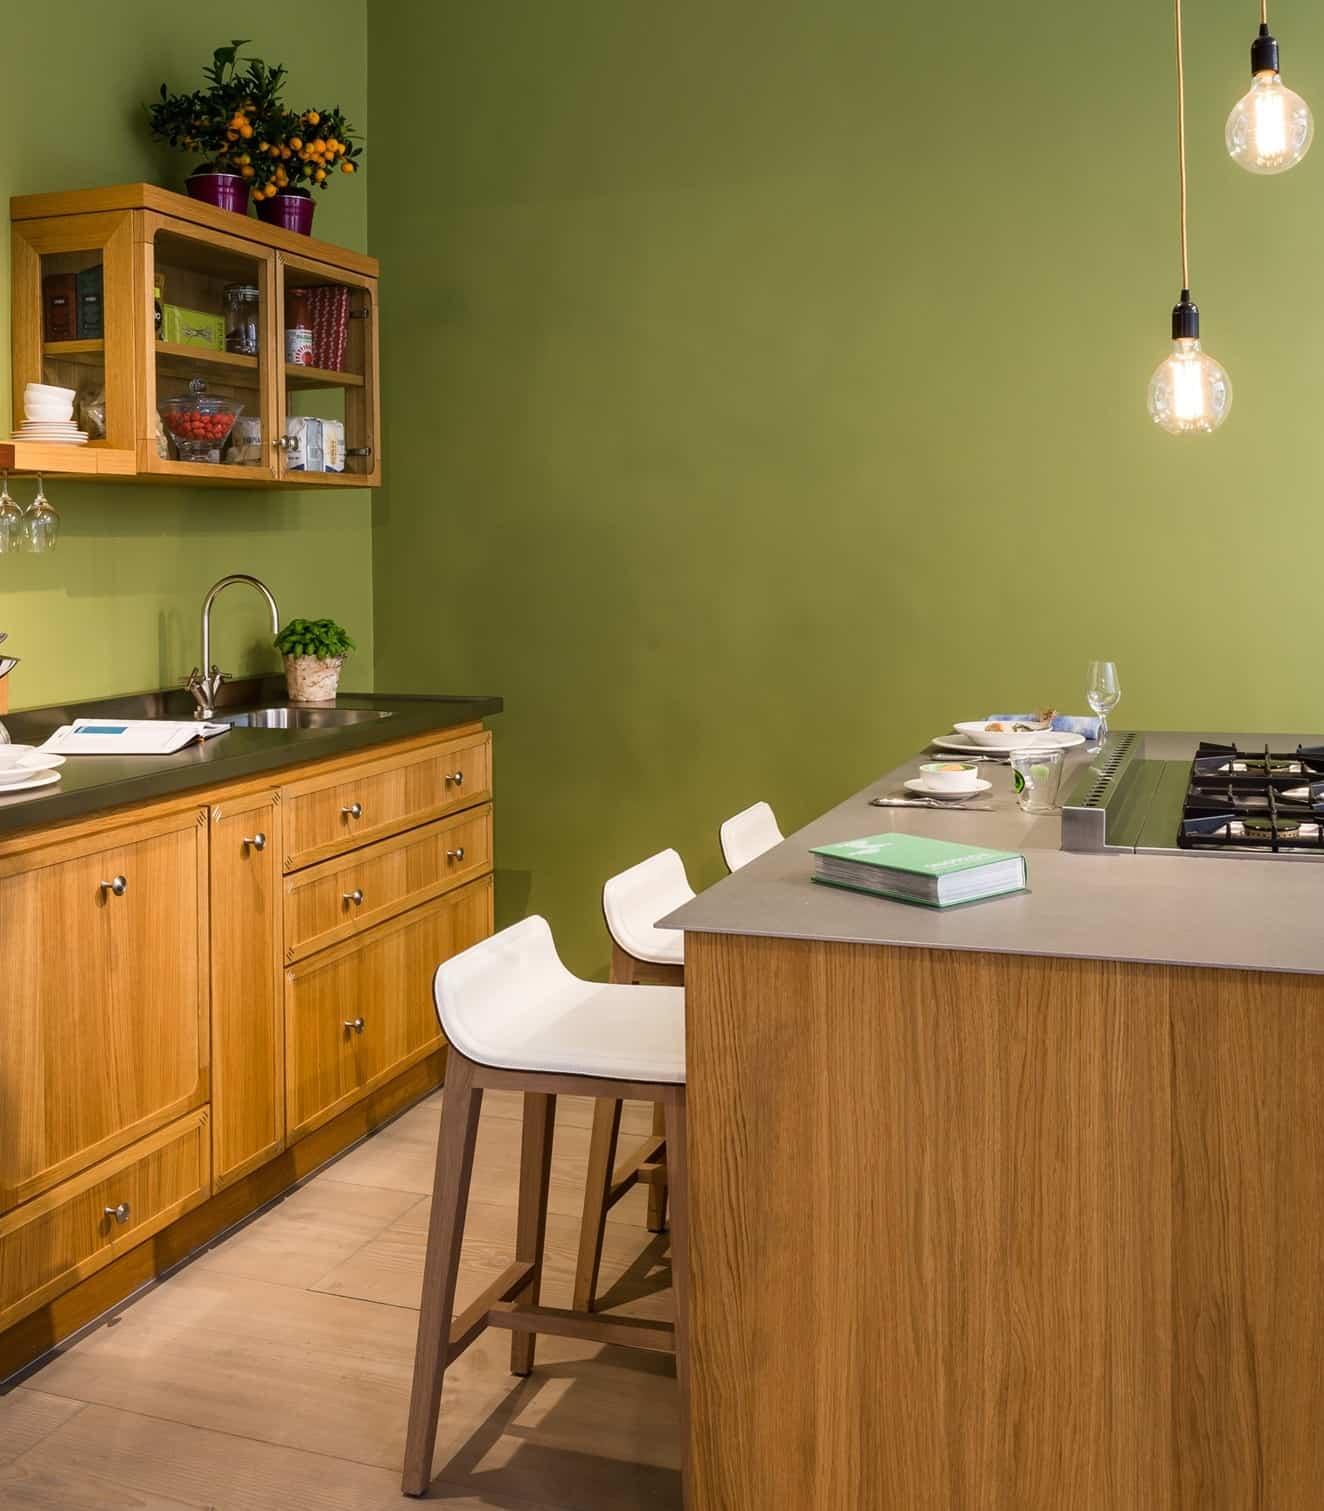 Mini Island Idea For Small Urban Kitchens By La Cornue